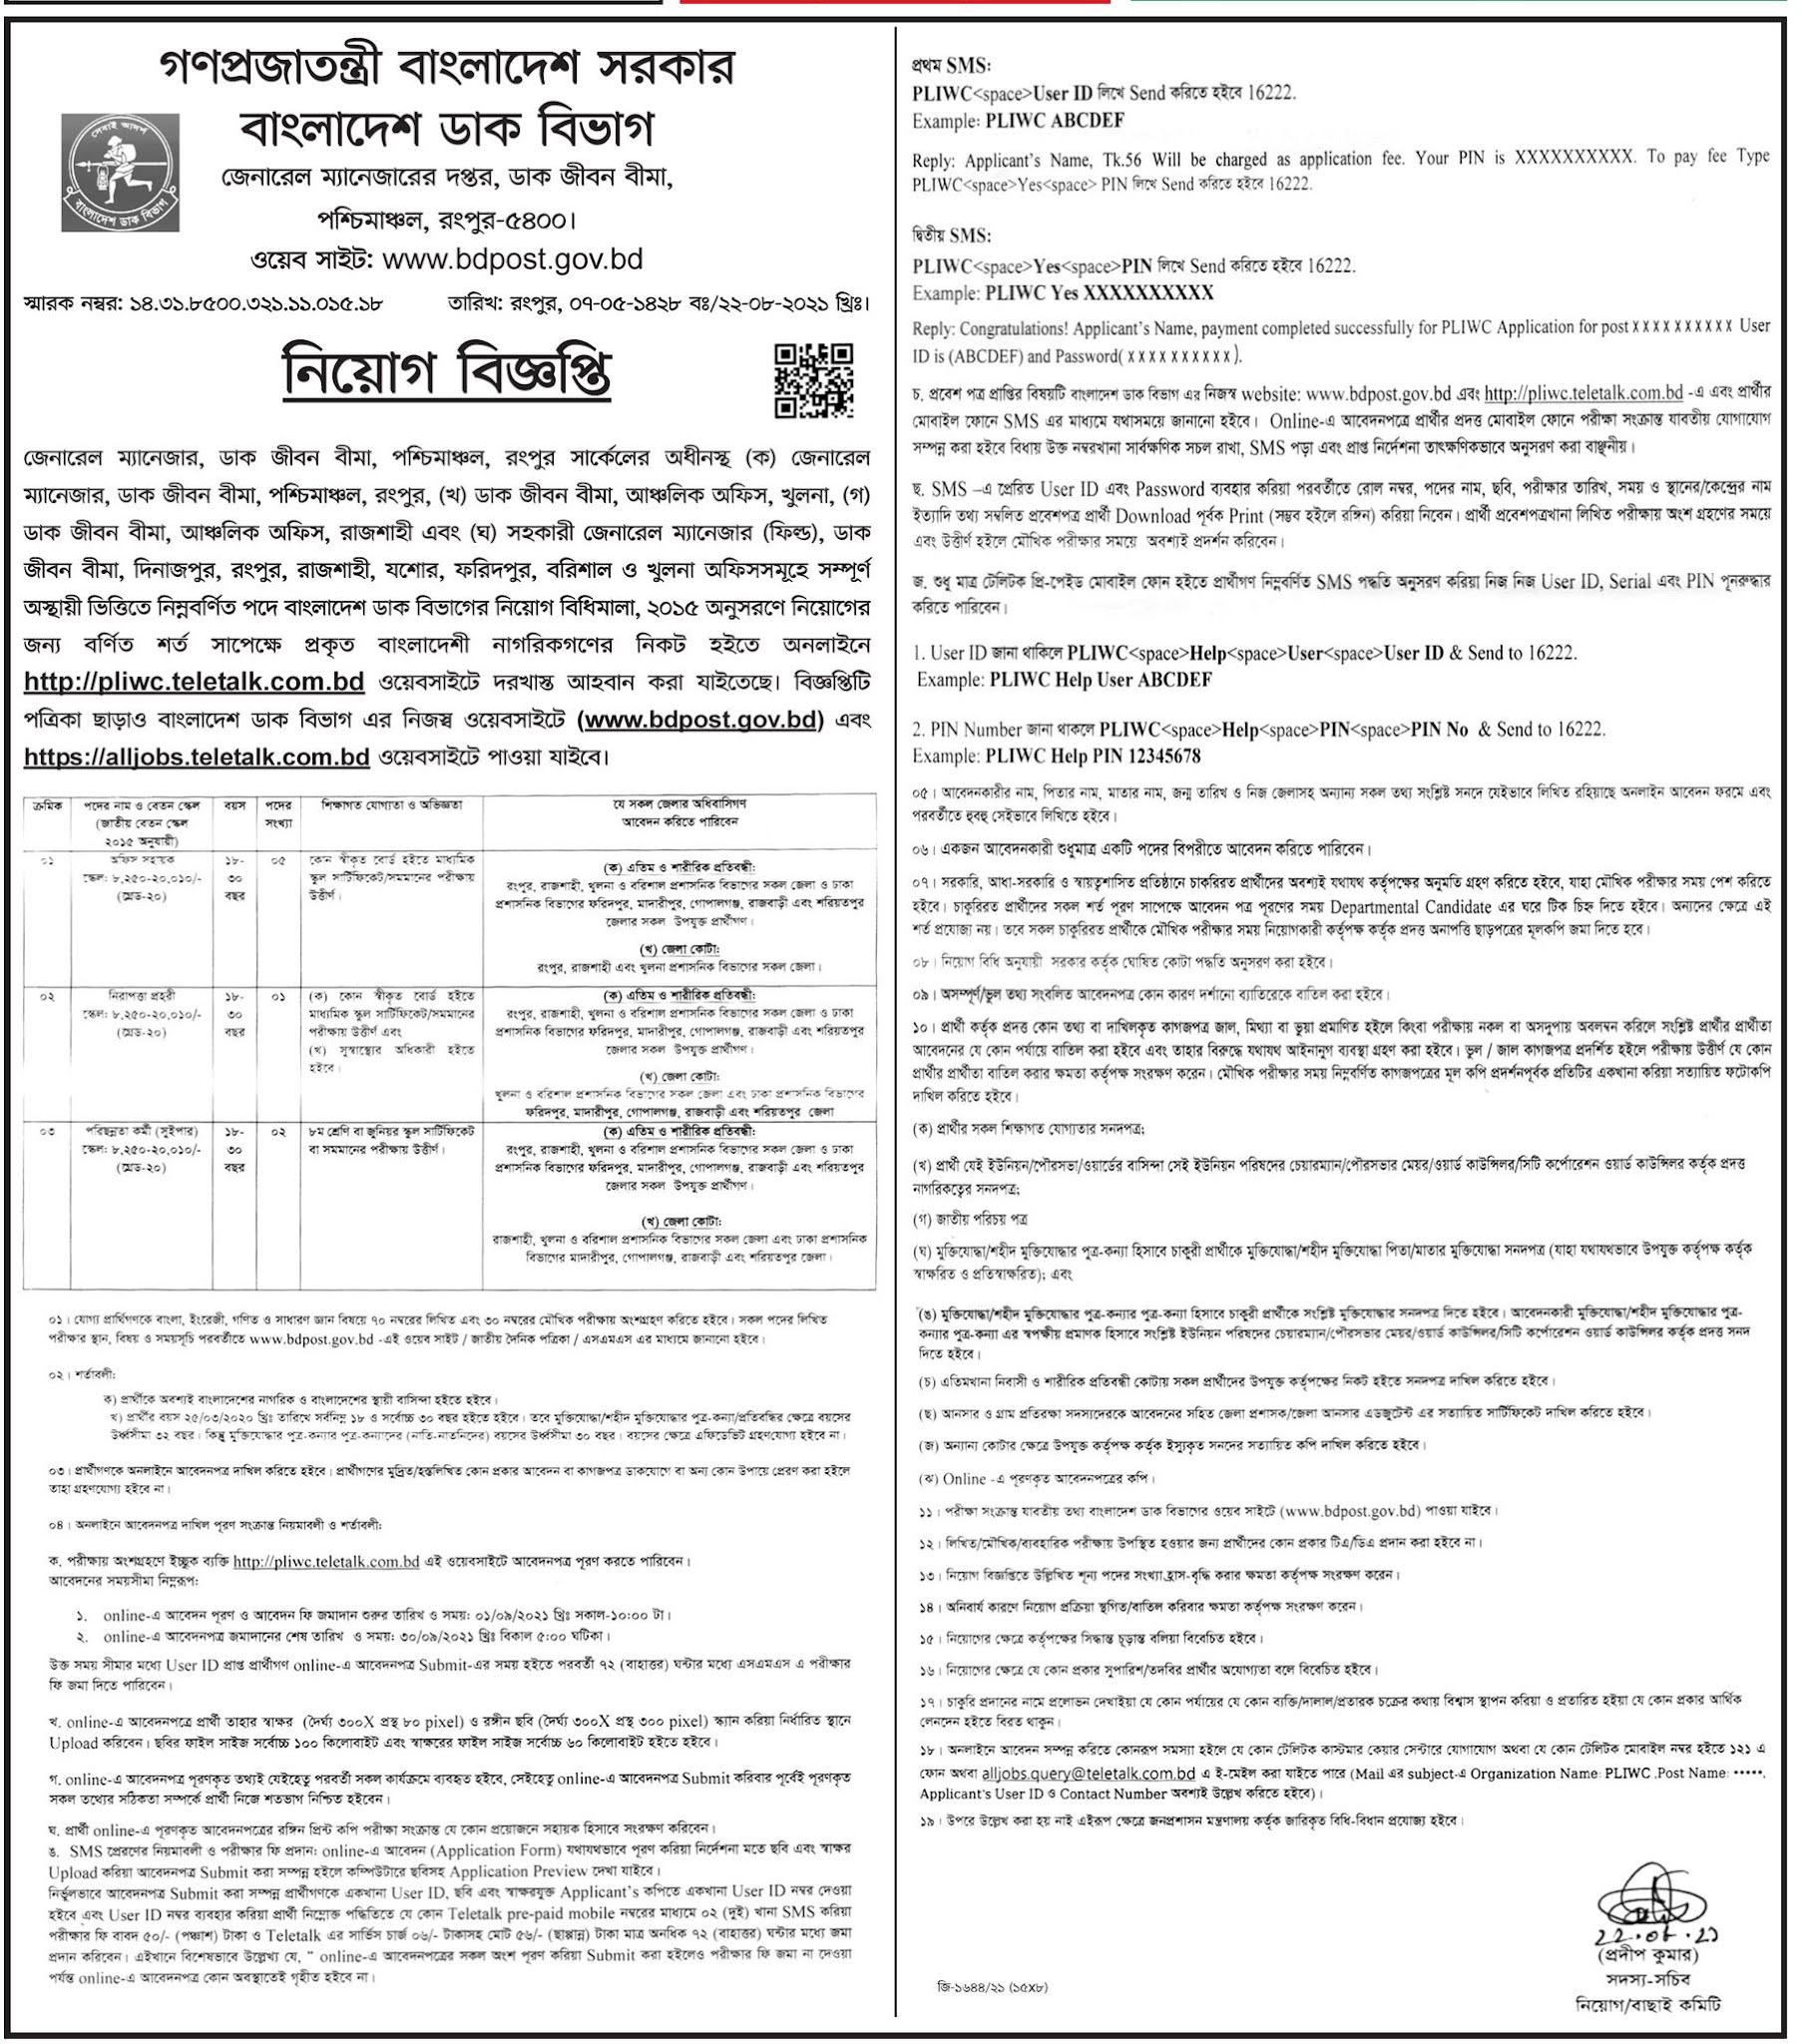 বাংলাদেশ ডাক বিভাগ নিয়োগ বিজ্ঞপ্তি ২০২১ - Bangladesh Post Office Job Circular 2021 - সরকারি চাকরির খবর ২০২১ - বাংলাদেশ ডাক বিভাগ নিয়োগ বিজ্ঞপ্তি ২০২২ - Bangladesh Post Office Job Circular 2022 - সরকারি চাকরির খবর ২০২২